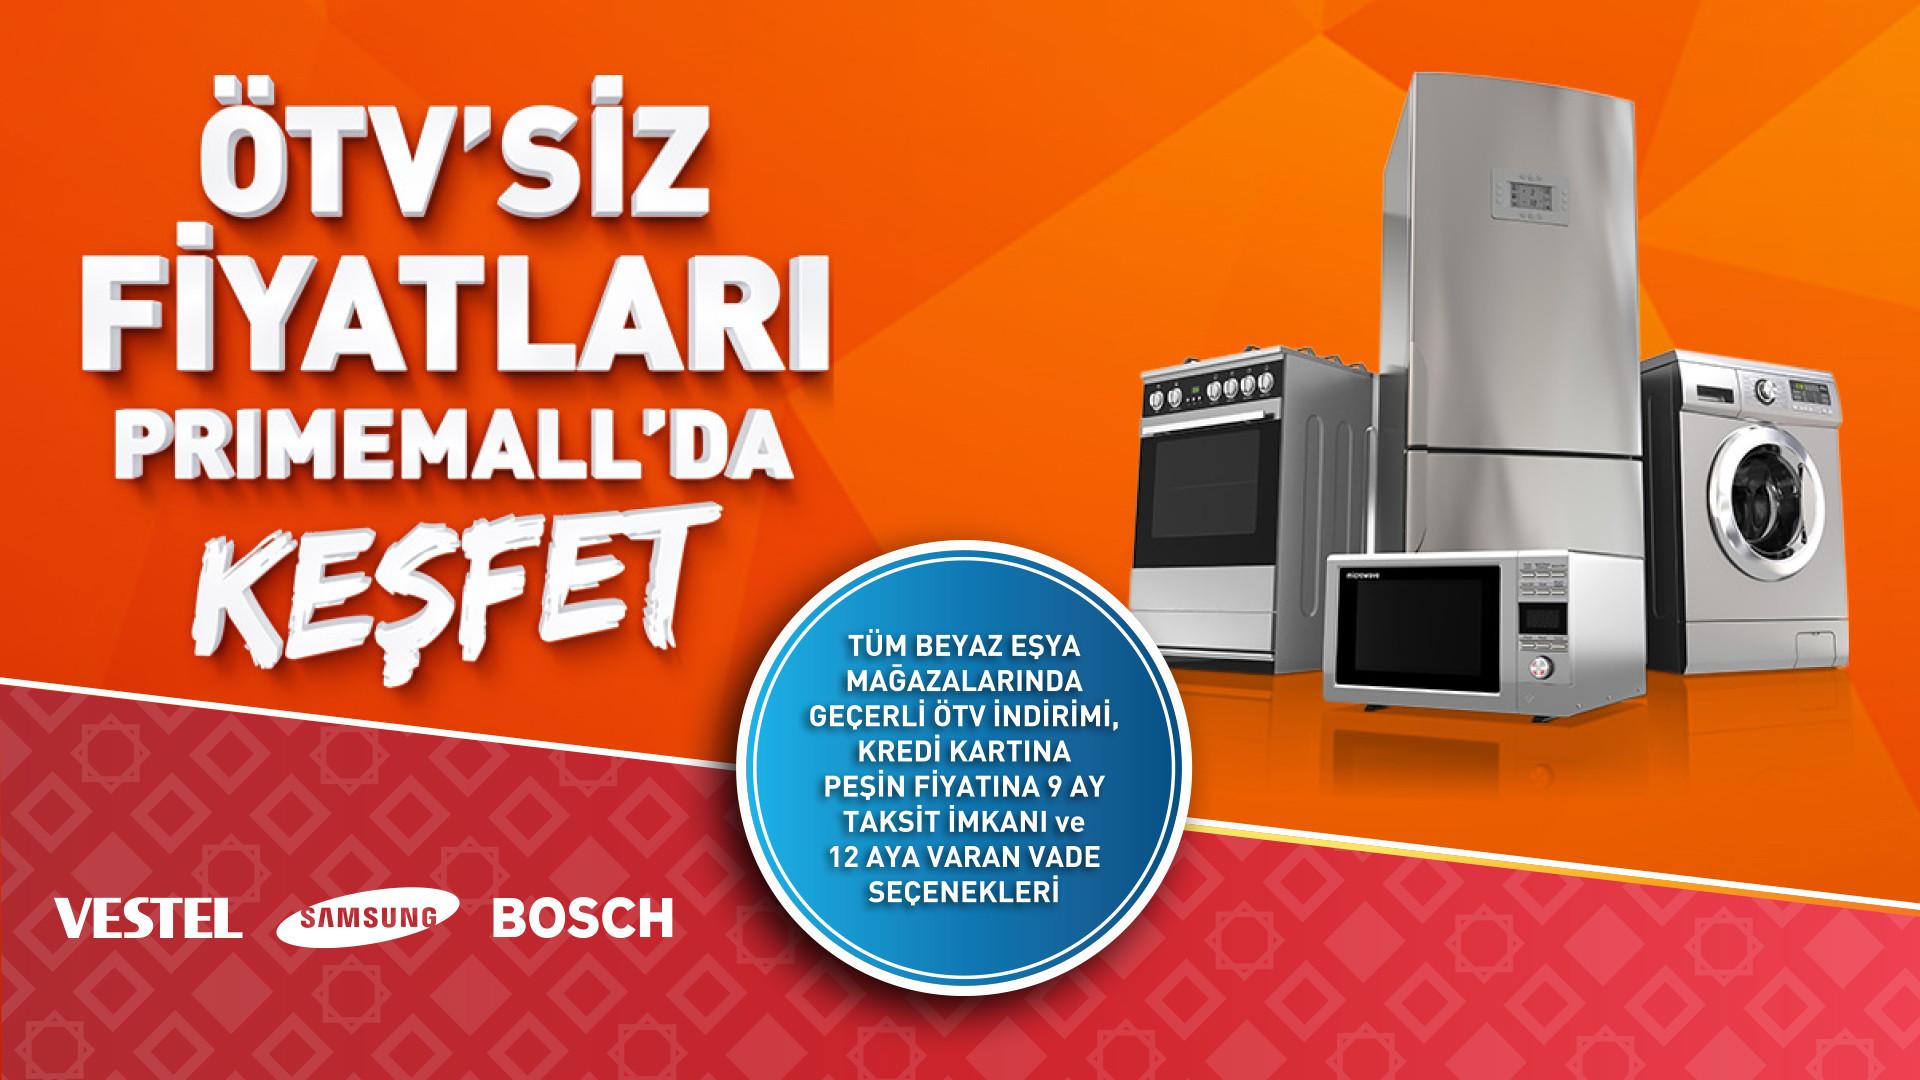 ÖTV'siz Fiyatları Primemall'da Keşfet